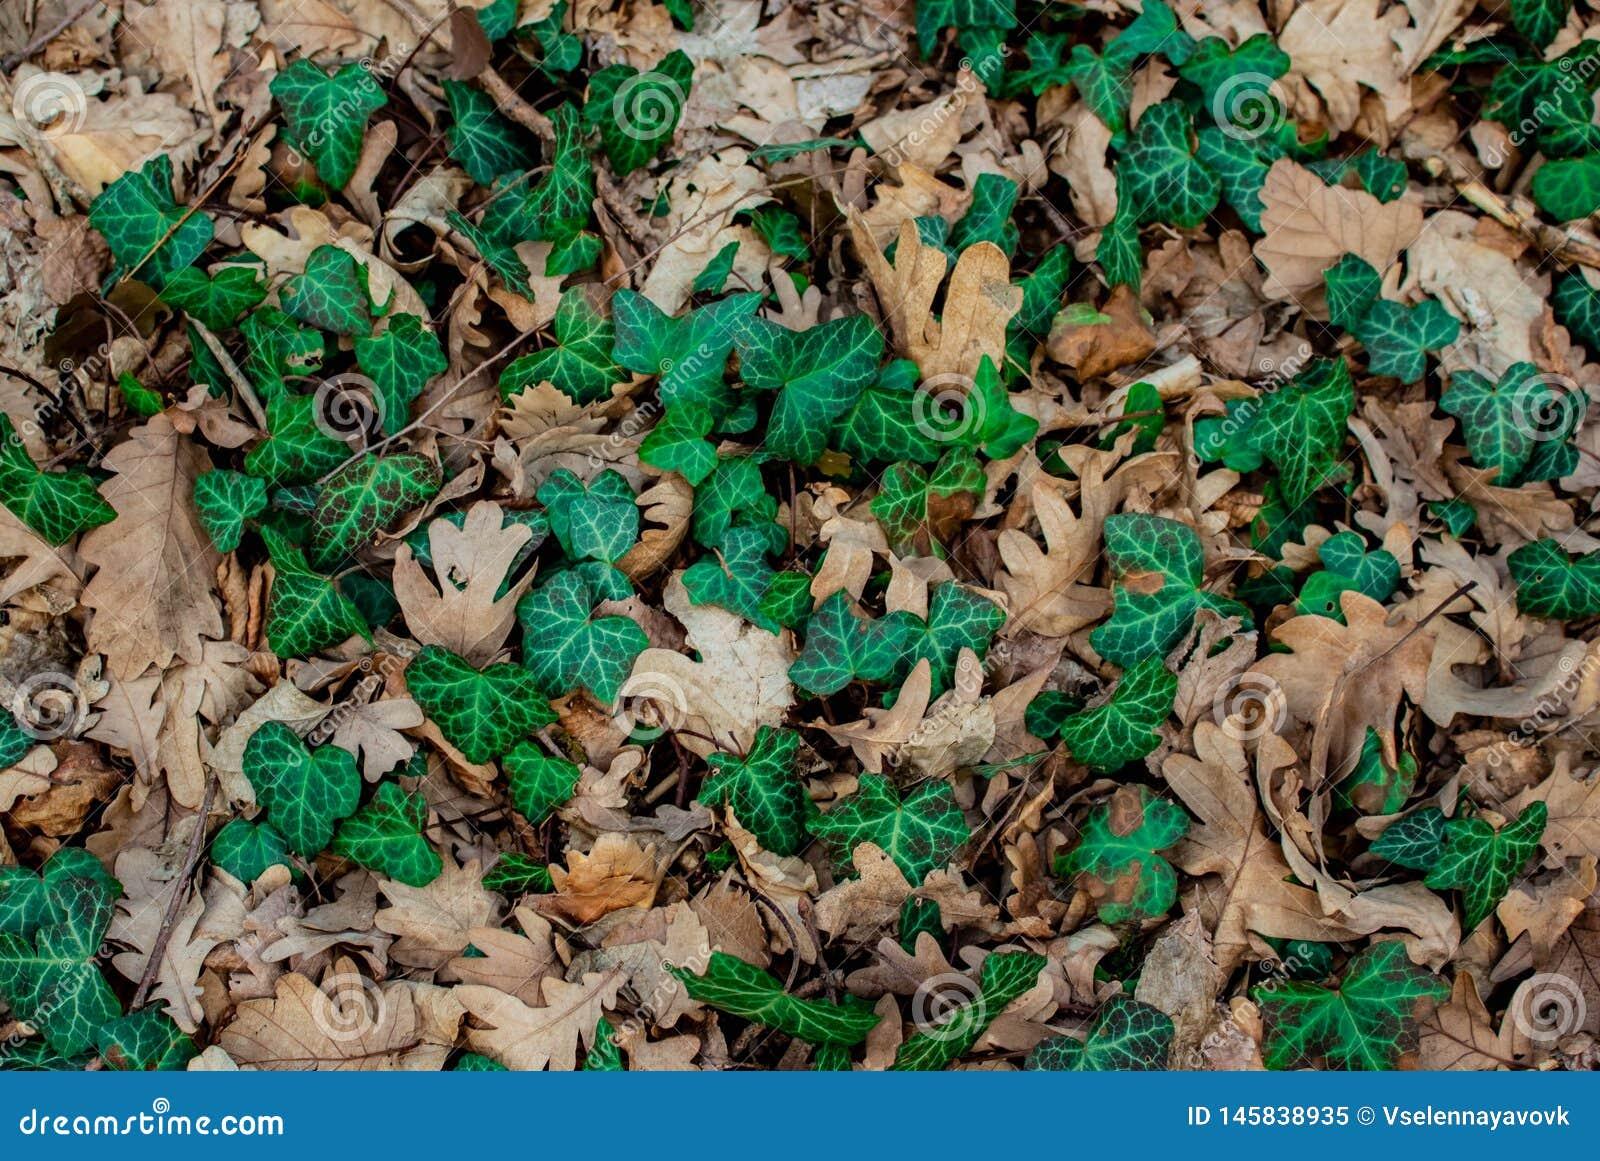 Zielona liść liana w Suchych Dębowych liściach